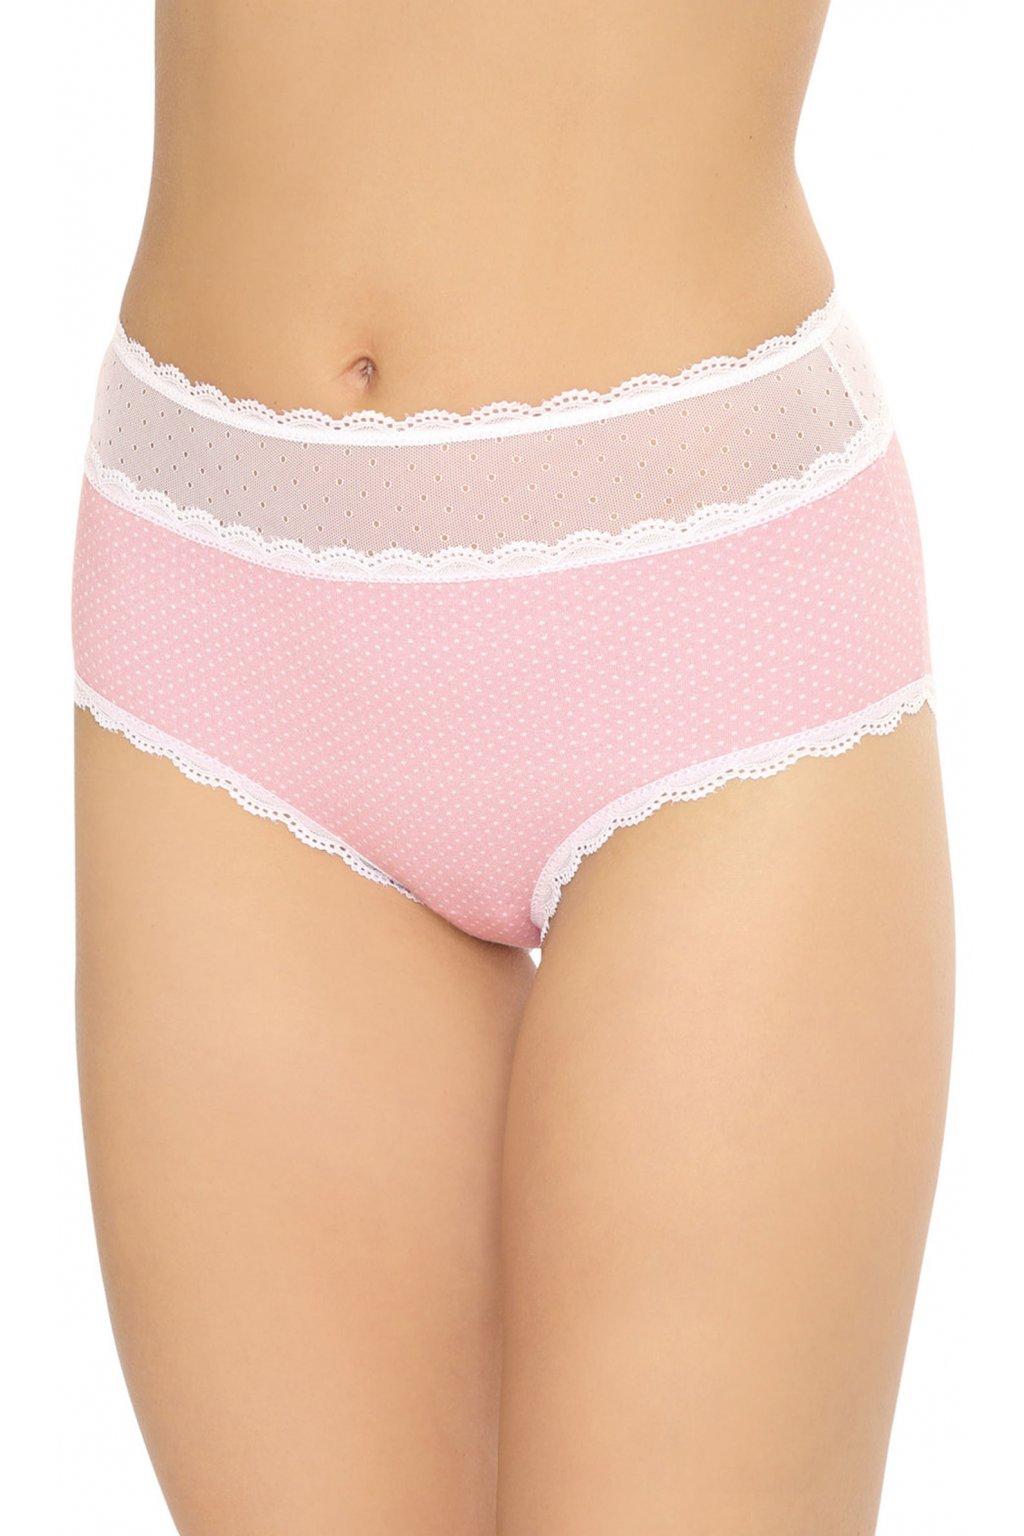 Dámské kalhotky, 100196 471, růžová